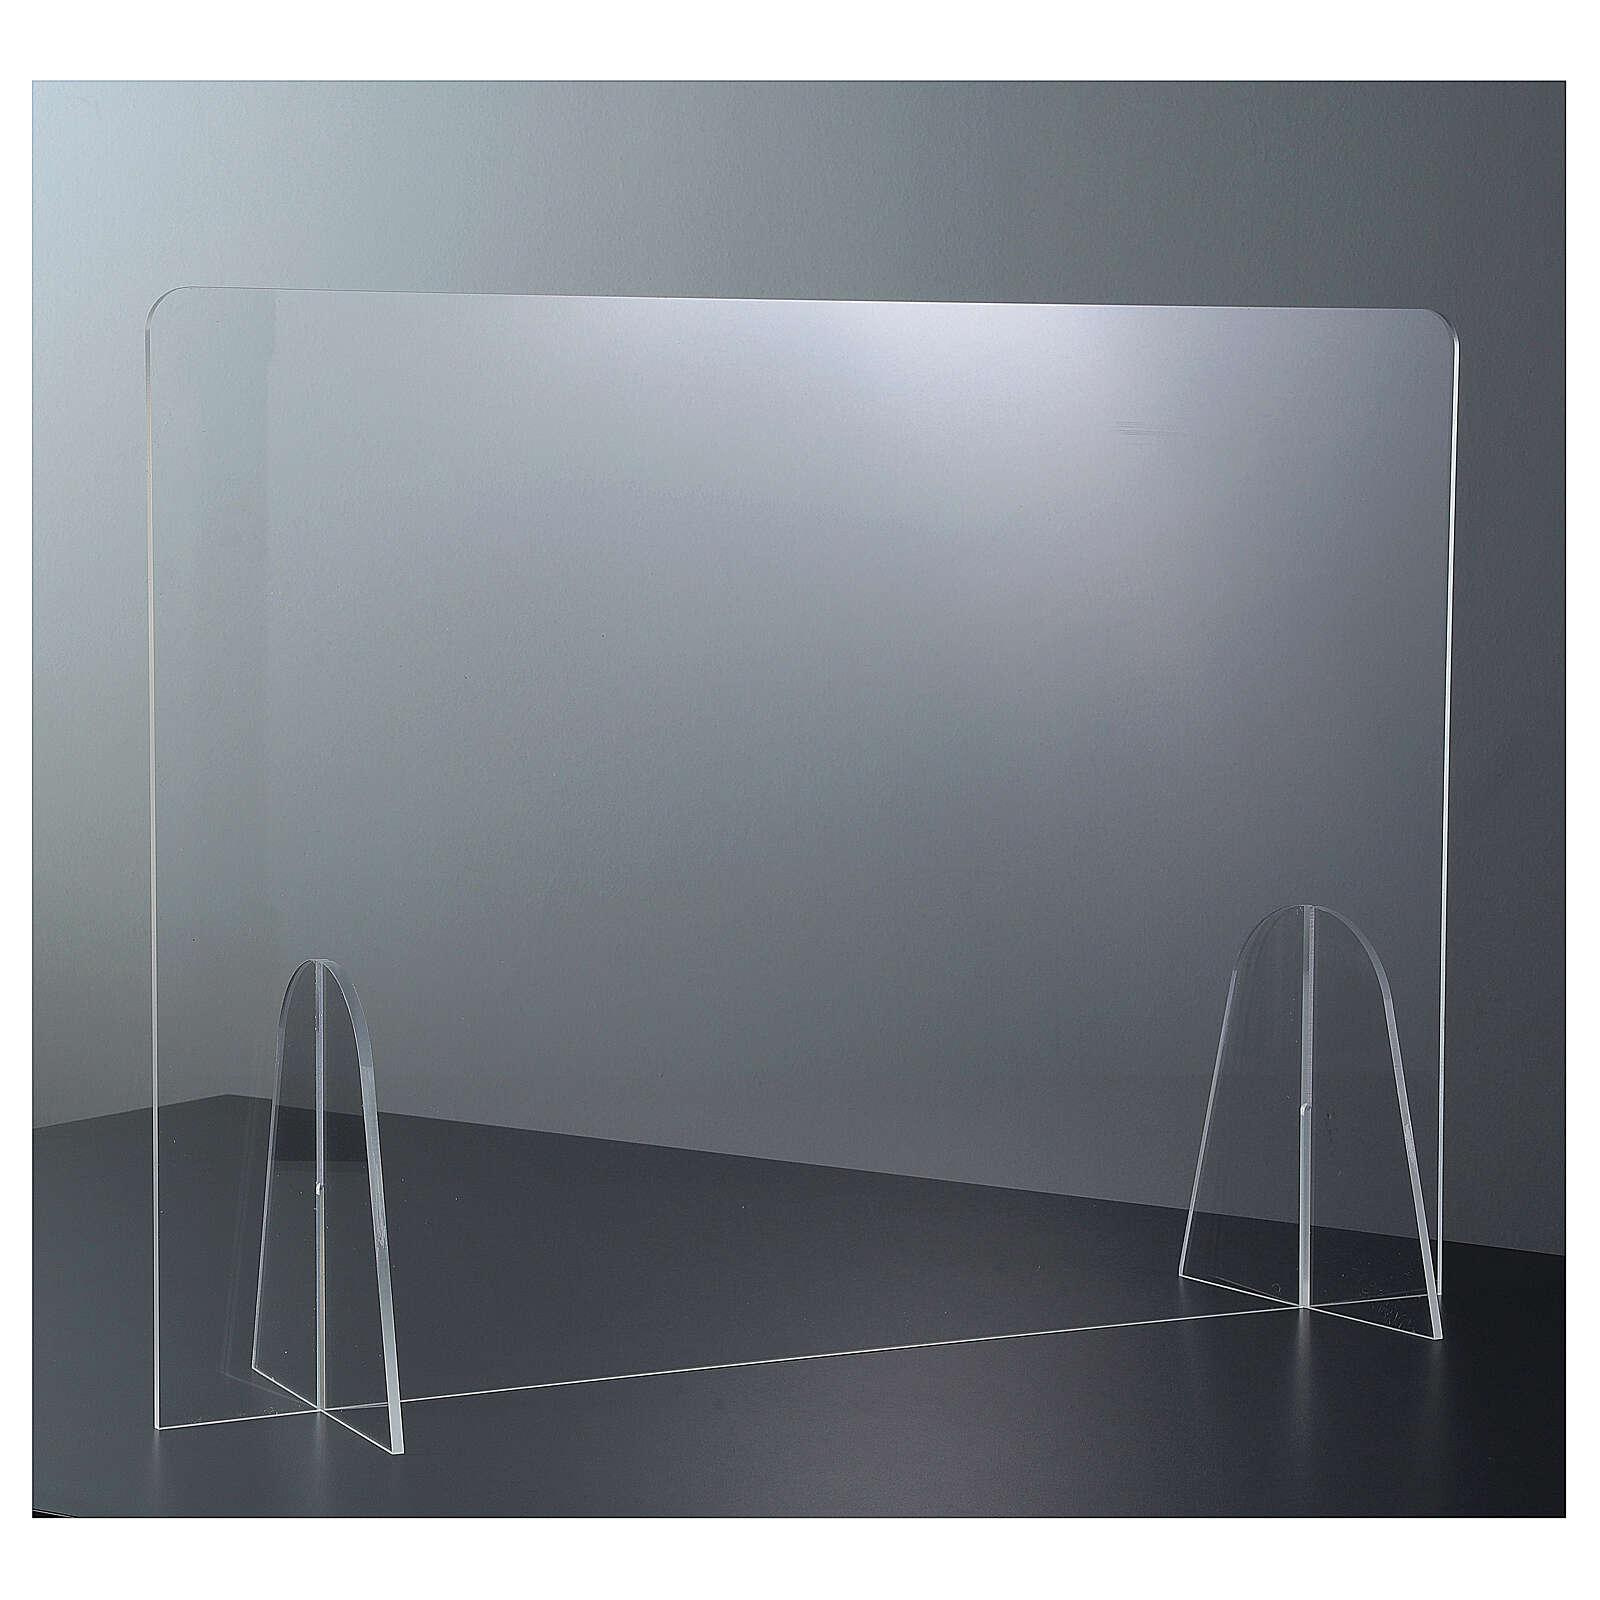 Barrière plexiglas pour table - design goutte h 50x180 cm 3